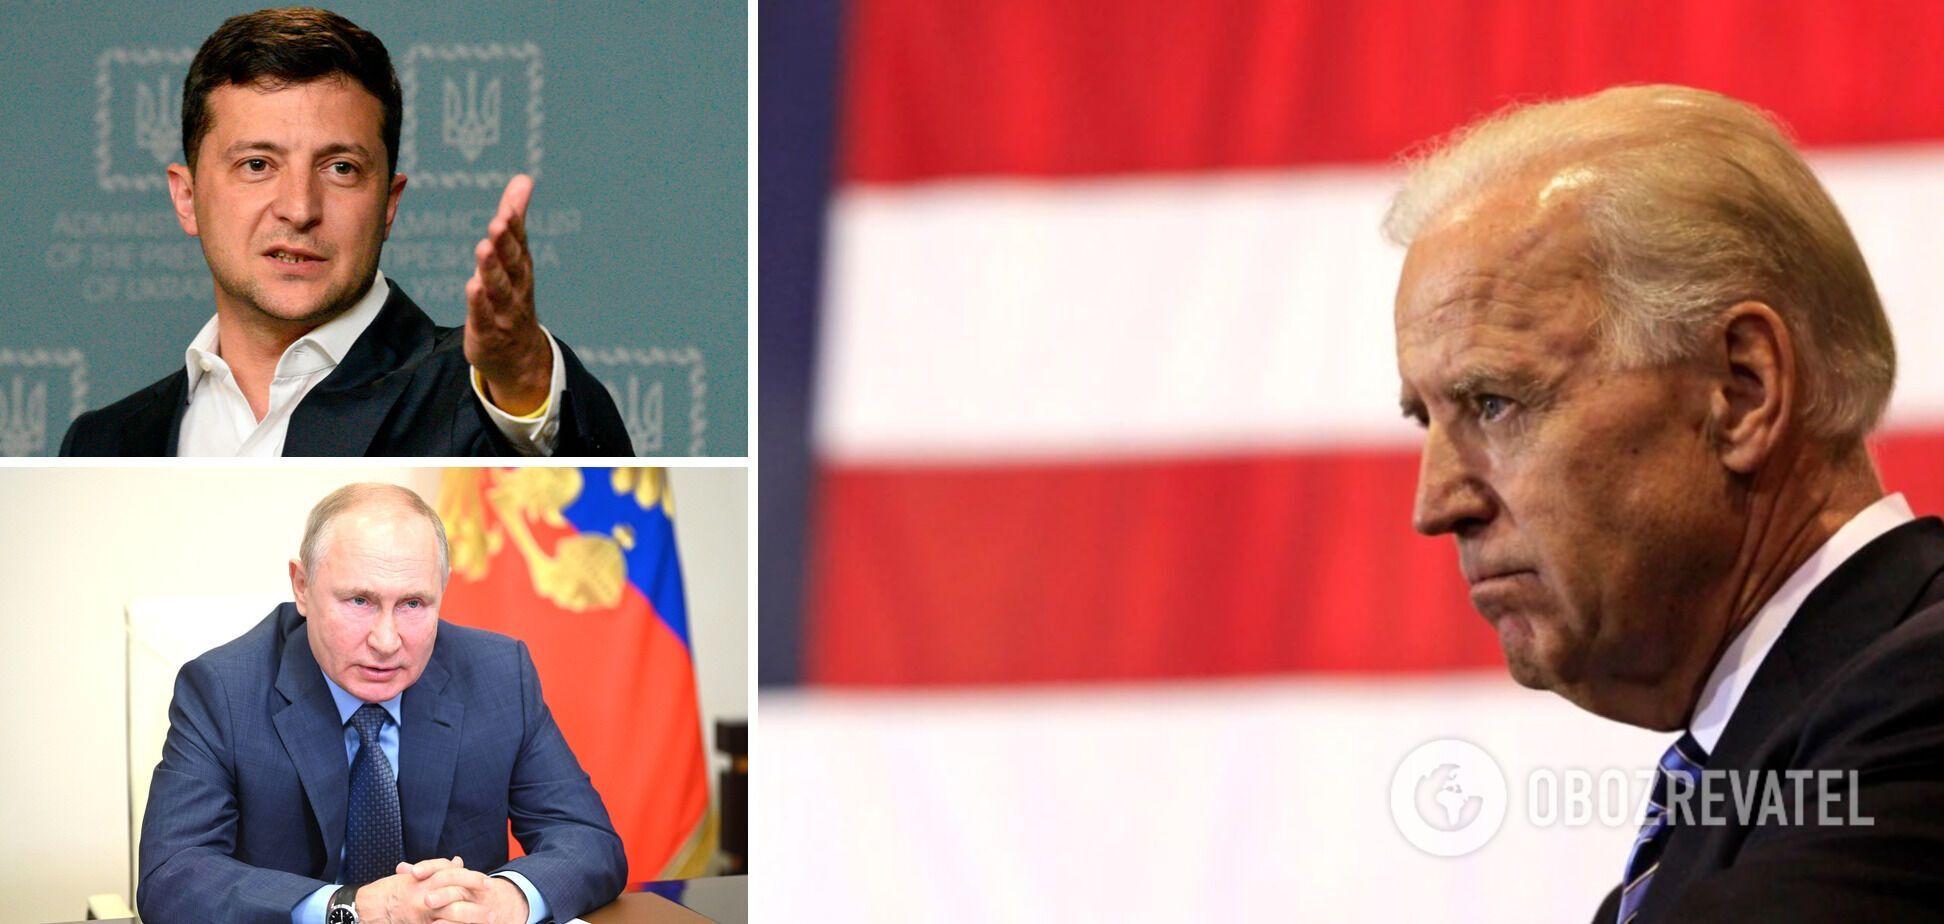 Конфлікт пріоритетів. Як Байдену допомогти Україні, не образивши Європу